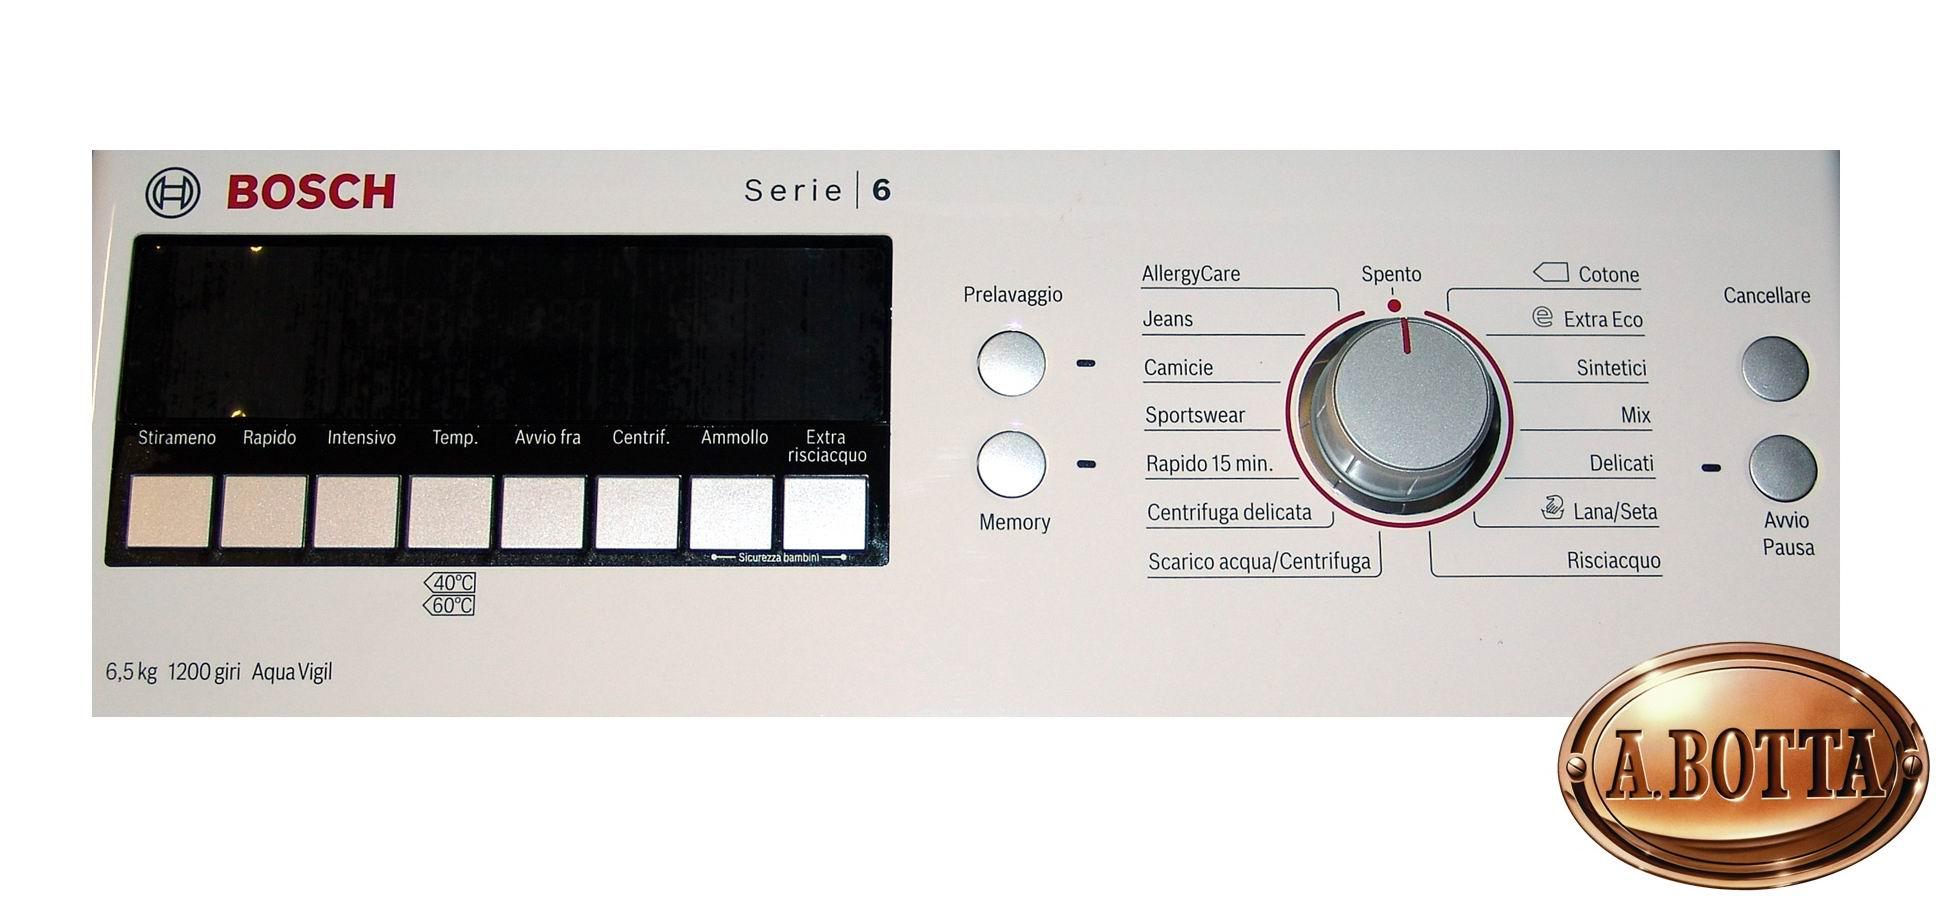 Lavatrice A Carica Dallu0027alto Bosch Wot24425 Bianco 6,5 Kg